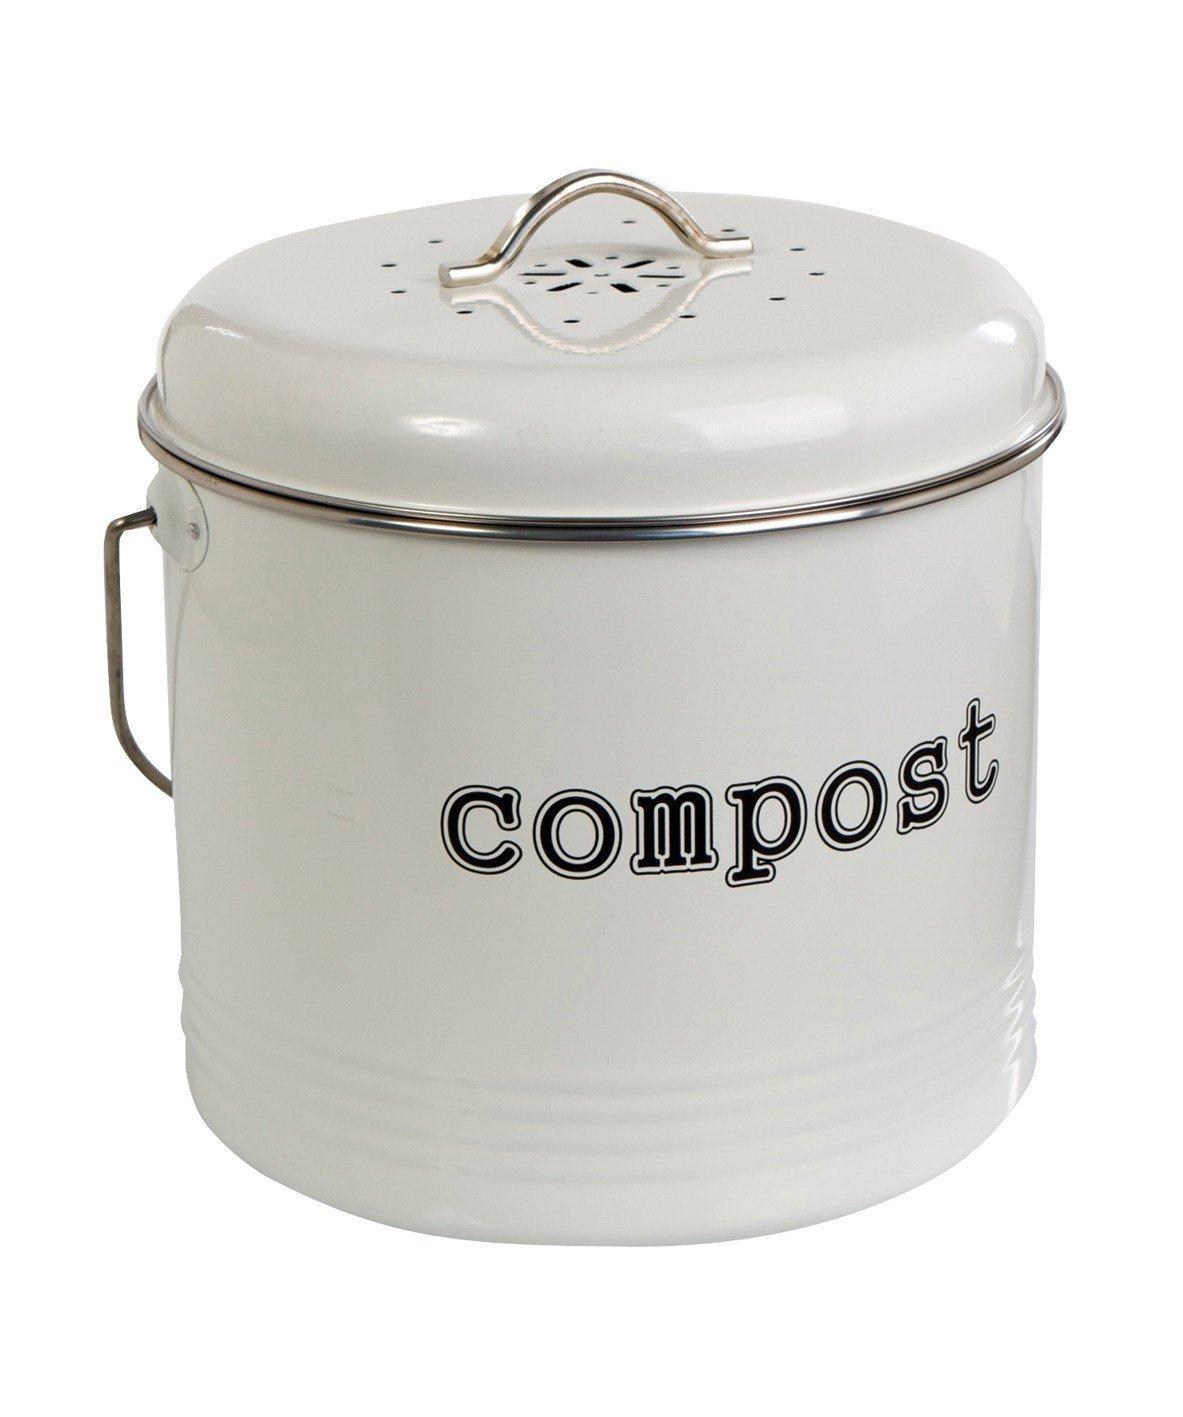 Compost Bin (White) image